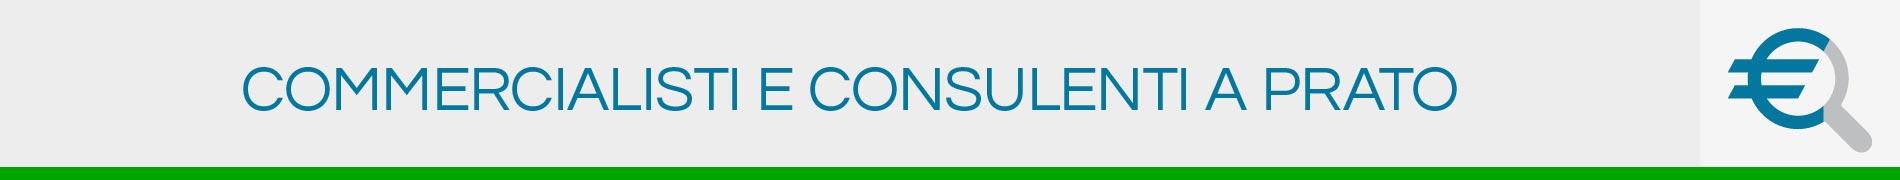 Commercialisti e Consulenti a Prato